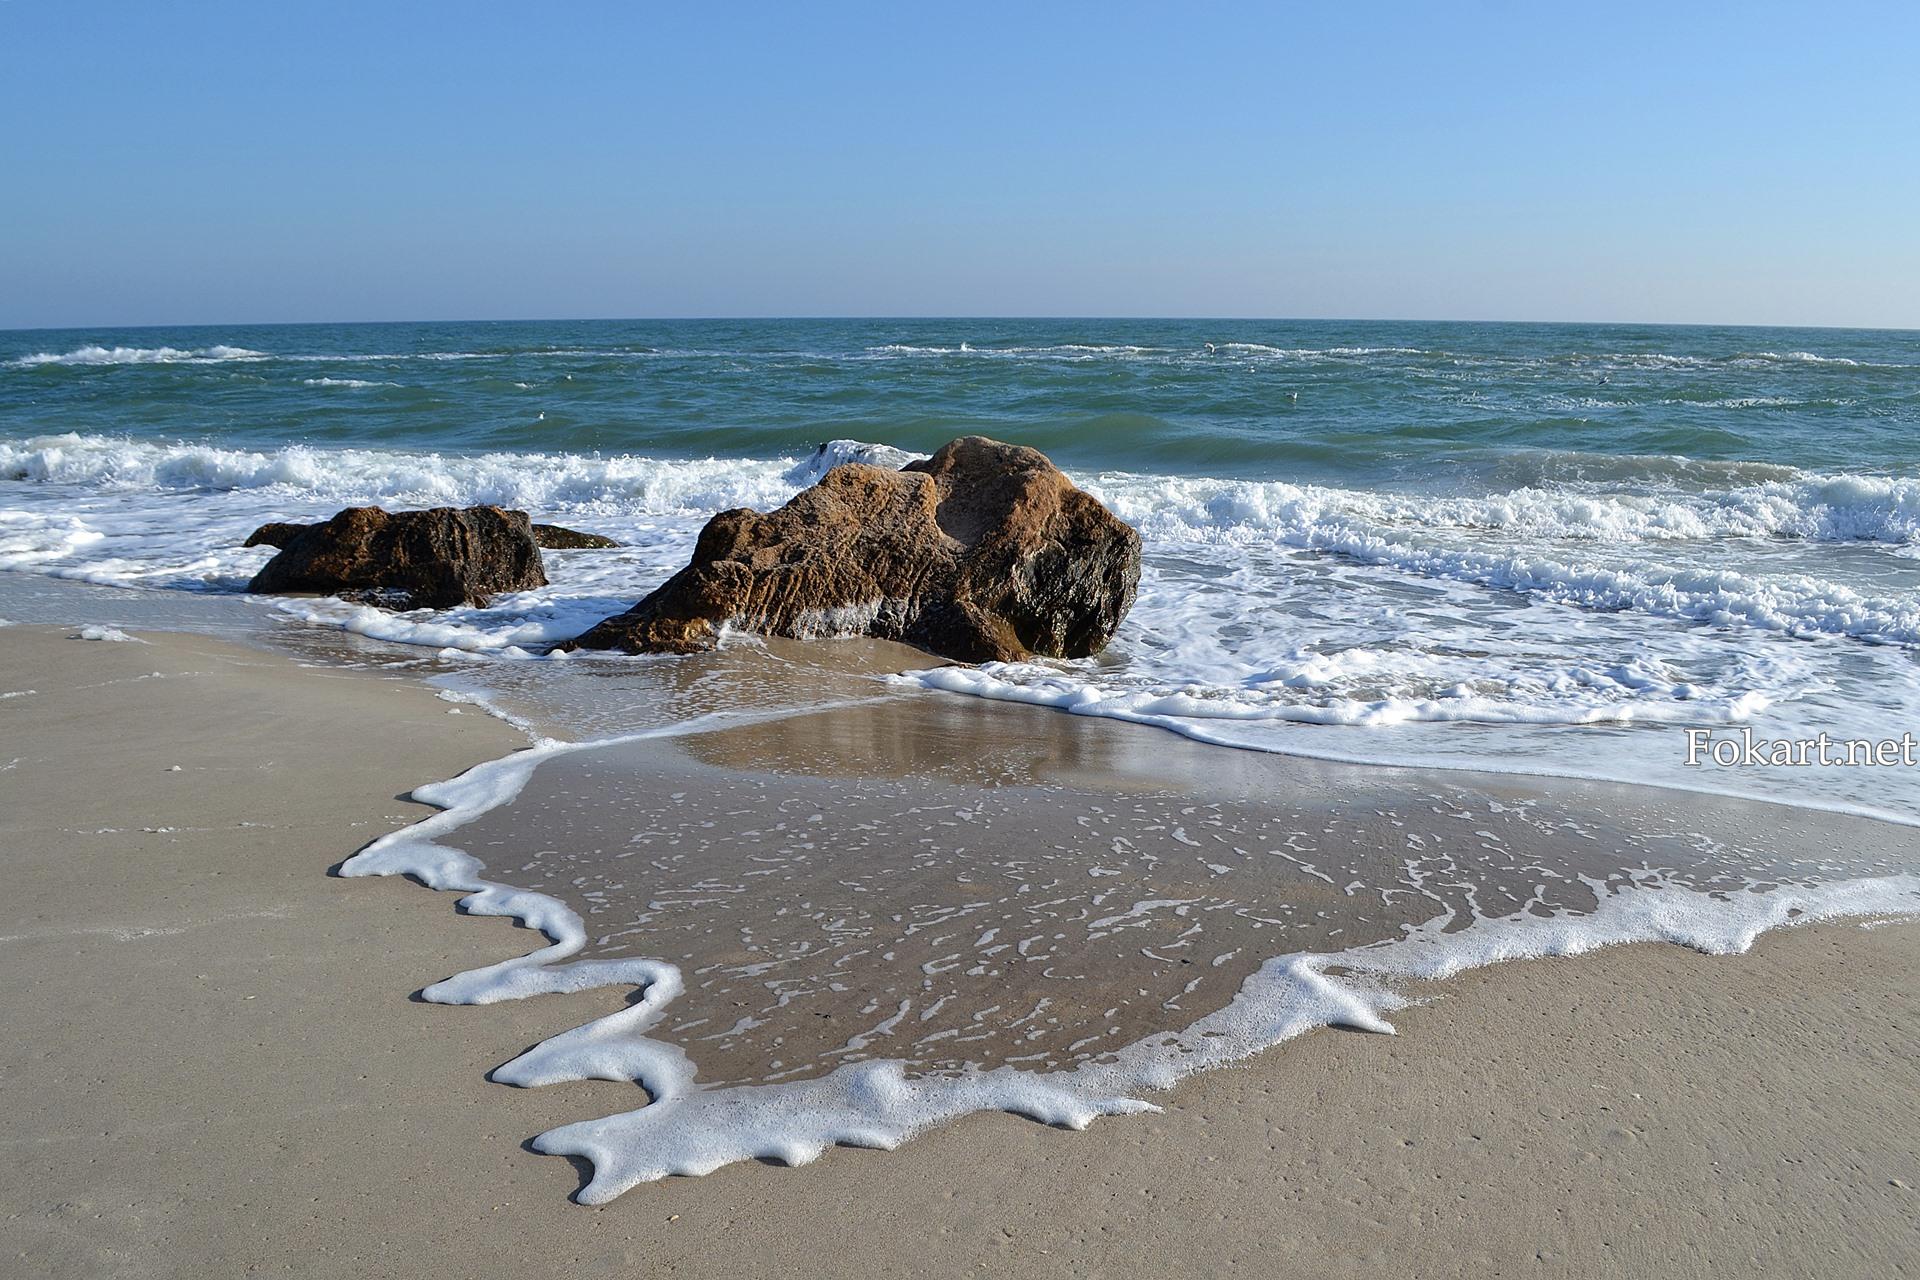 Волна с пенным гребешком на берегу, начавшая скатываться обратно